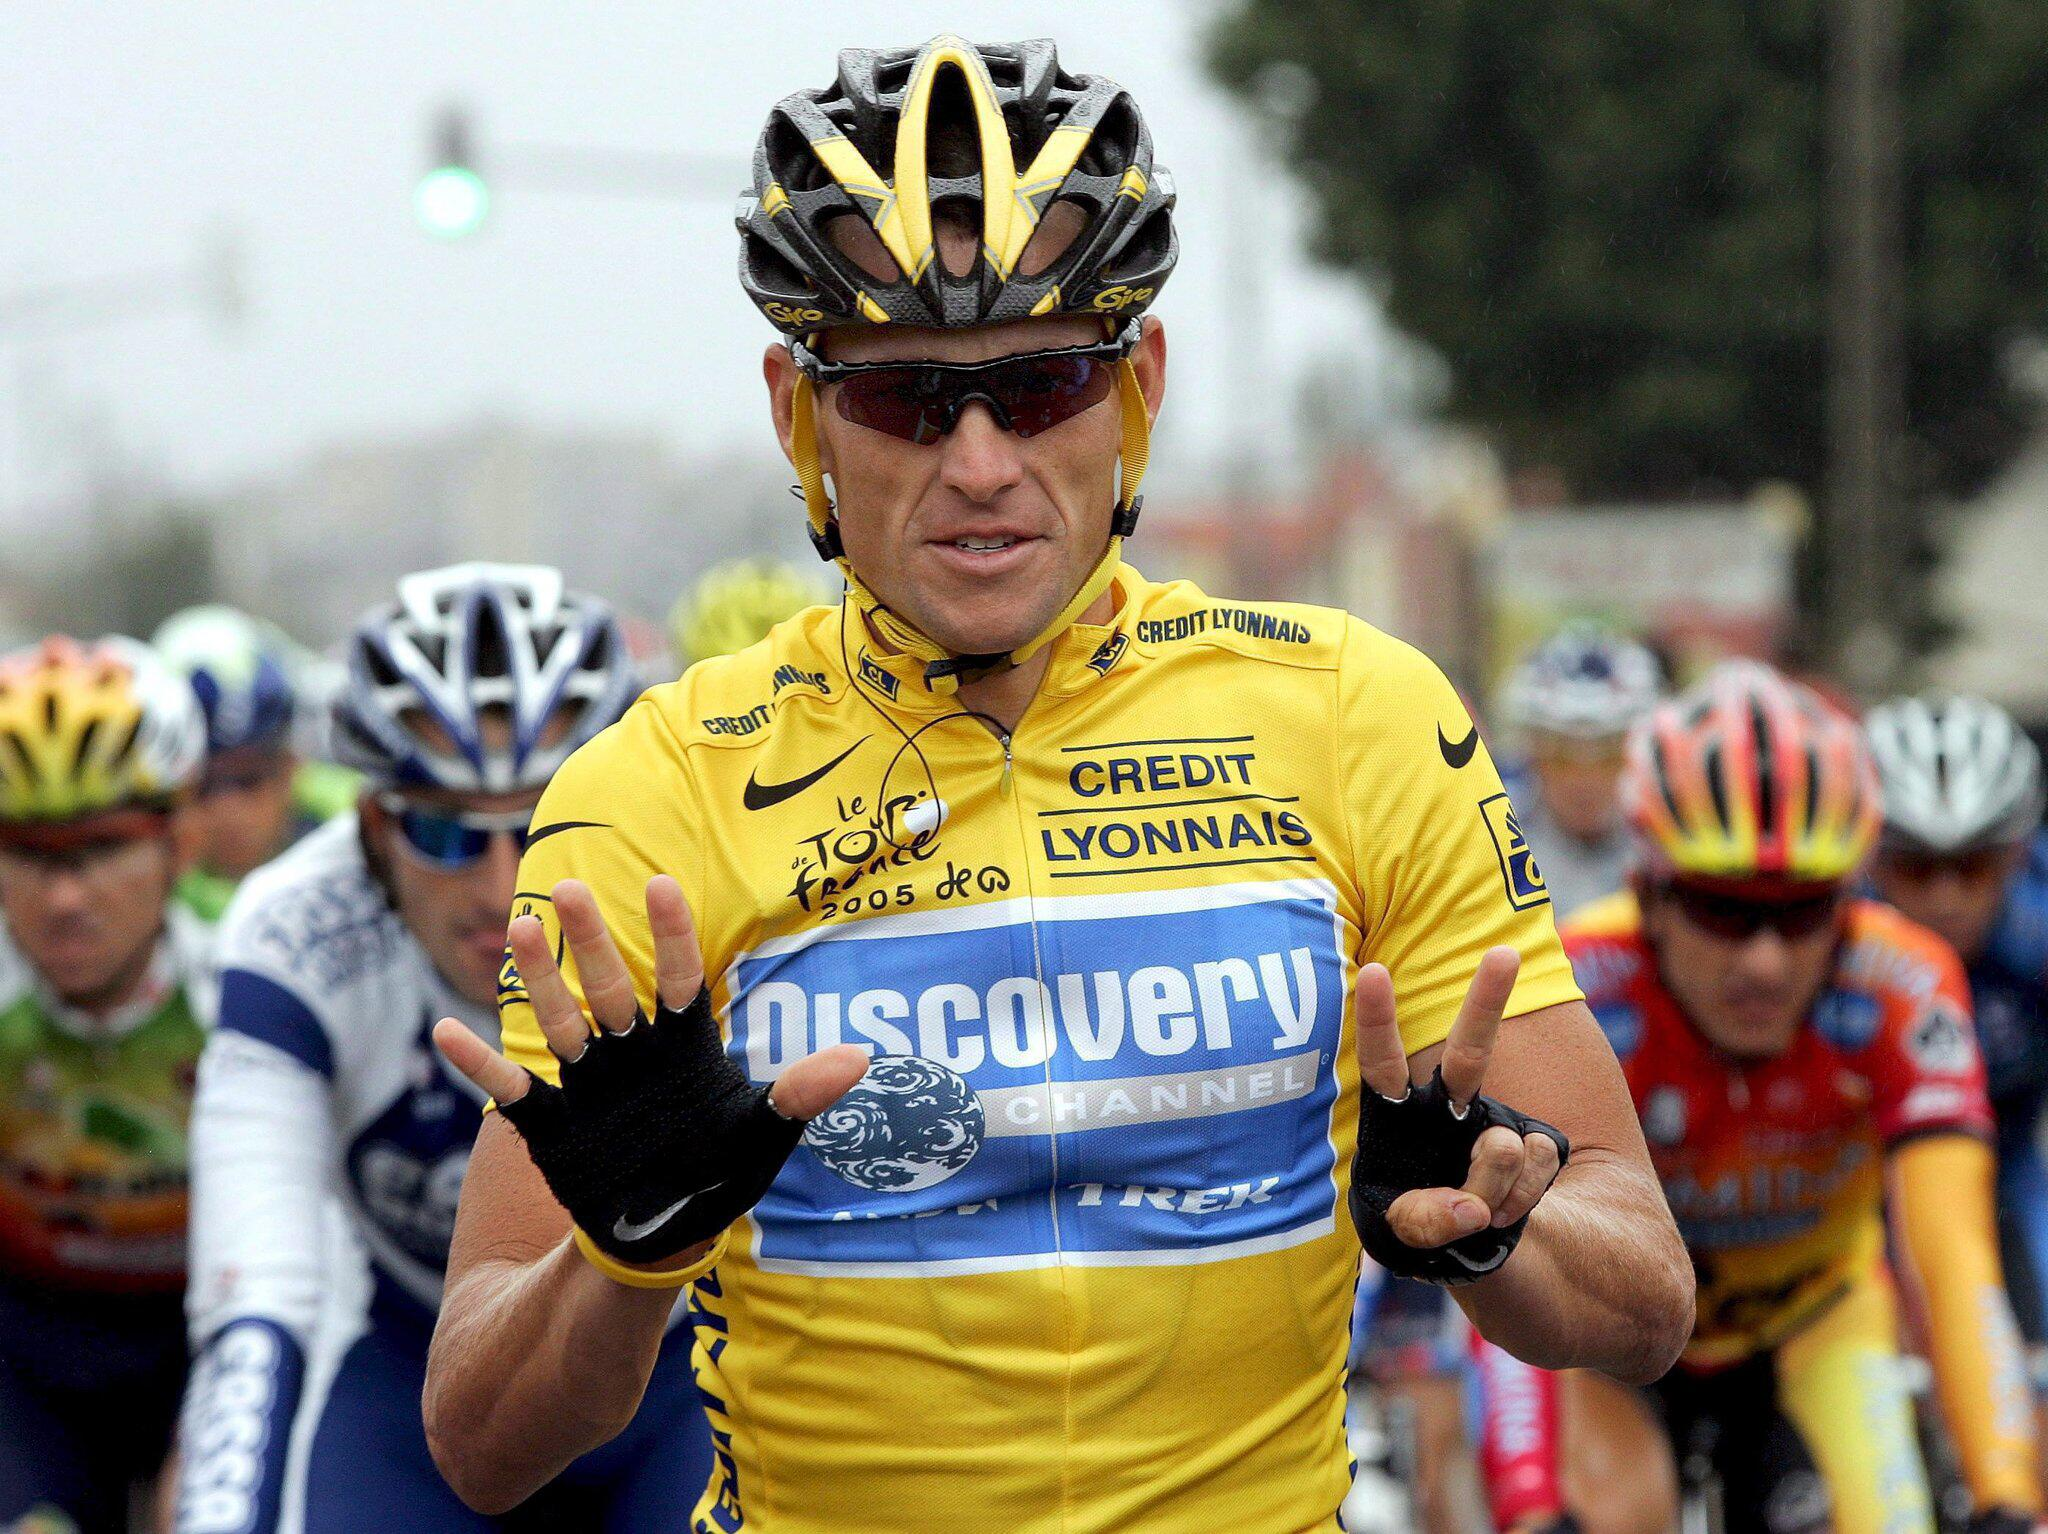 Bild zu Lance Armstrong, Tour de France, 2005